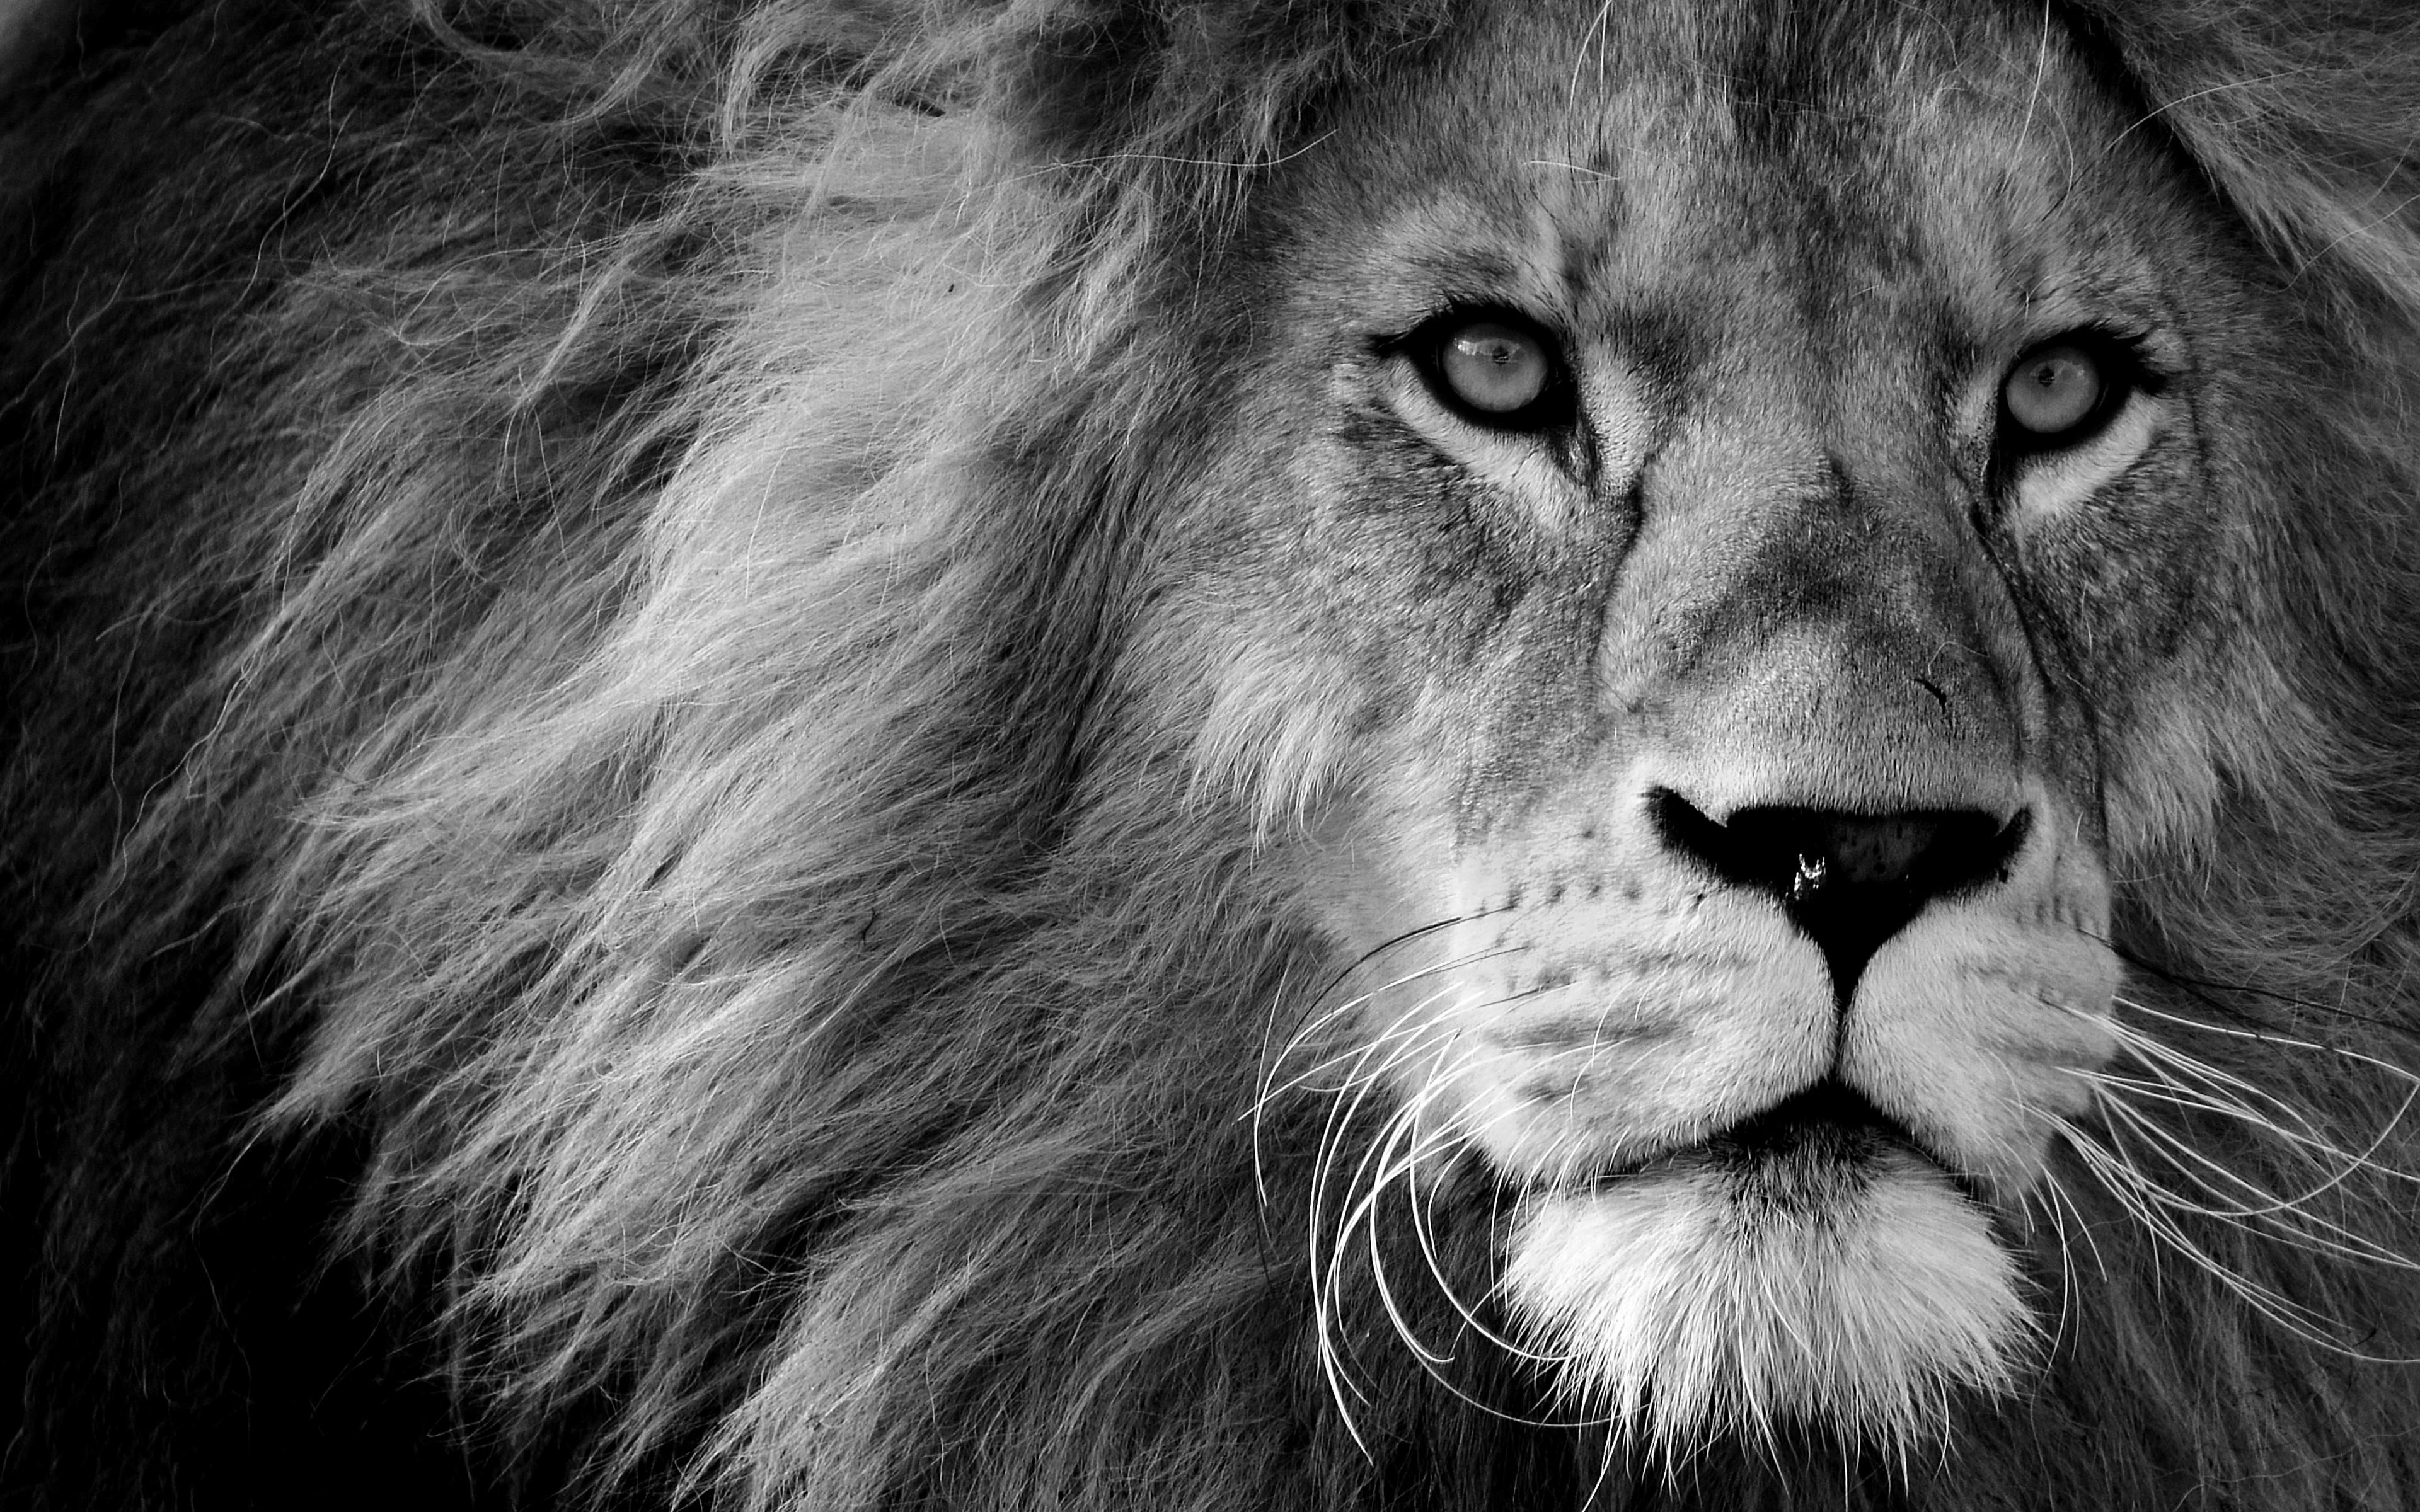 Bilder Löwe Schnauze Schwarz Weiß Starren Ein Tier 3840x2400